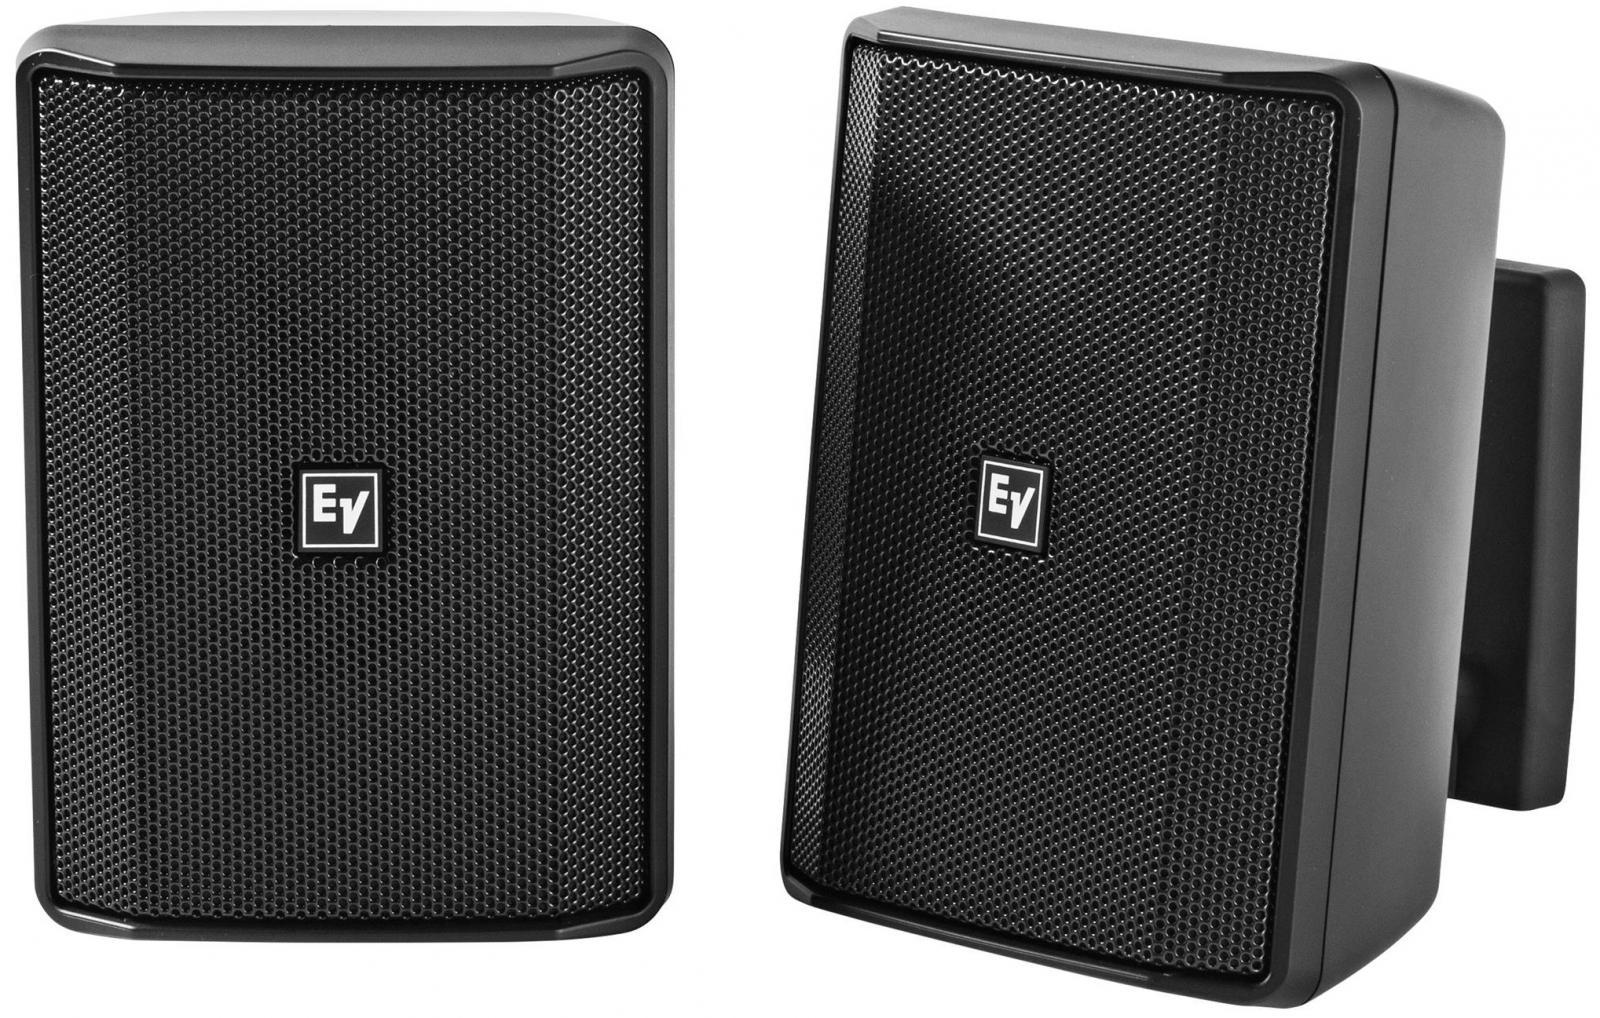 Electro Voice Evid S4.2 Altavoz para Instalación (Pareja)